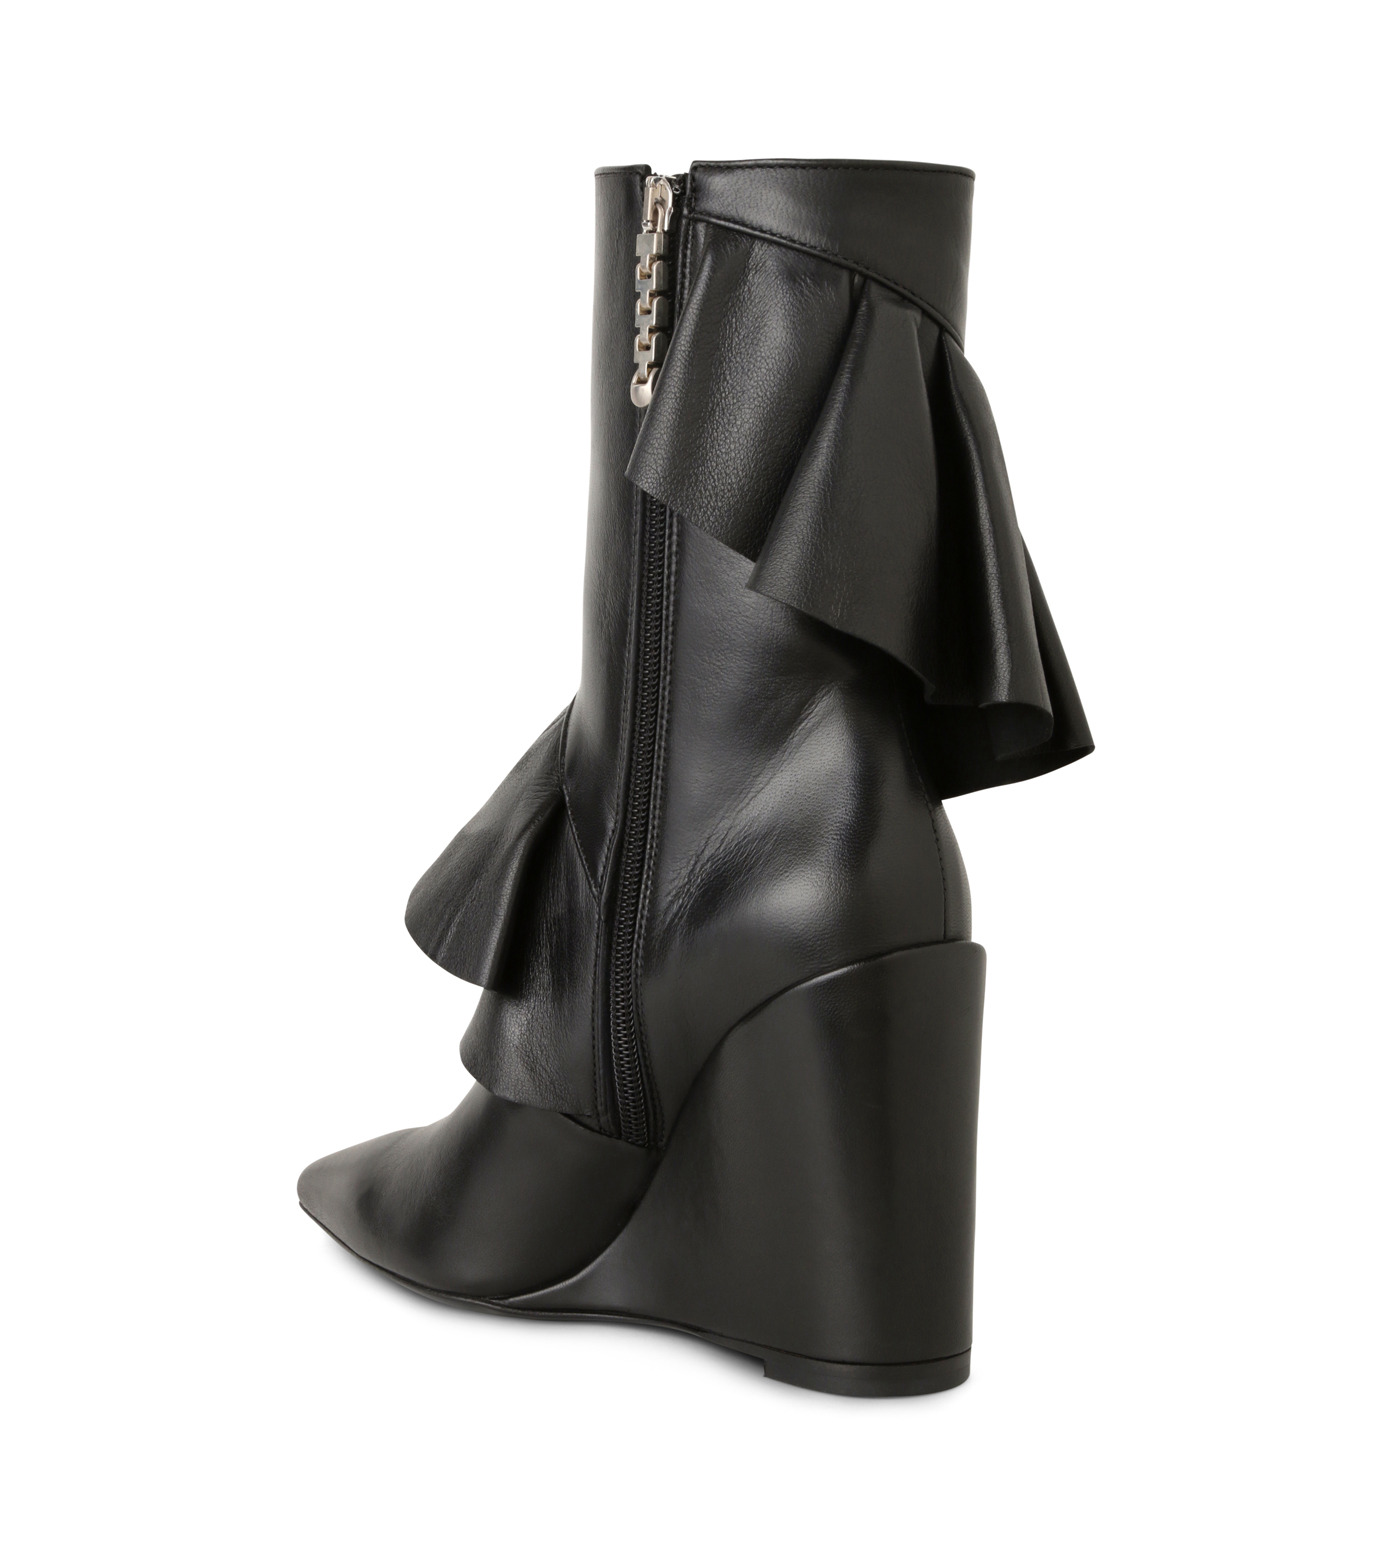 J.W.Anderson(ジェイダブリュー アンダーソン)のMid Calf Ruffle Boot-BLACK(ブーツ/boots)-JWAFW03C-13 拡大詳細画像2